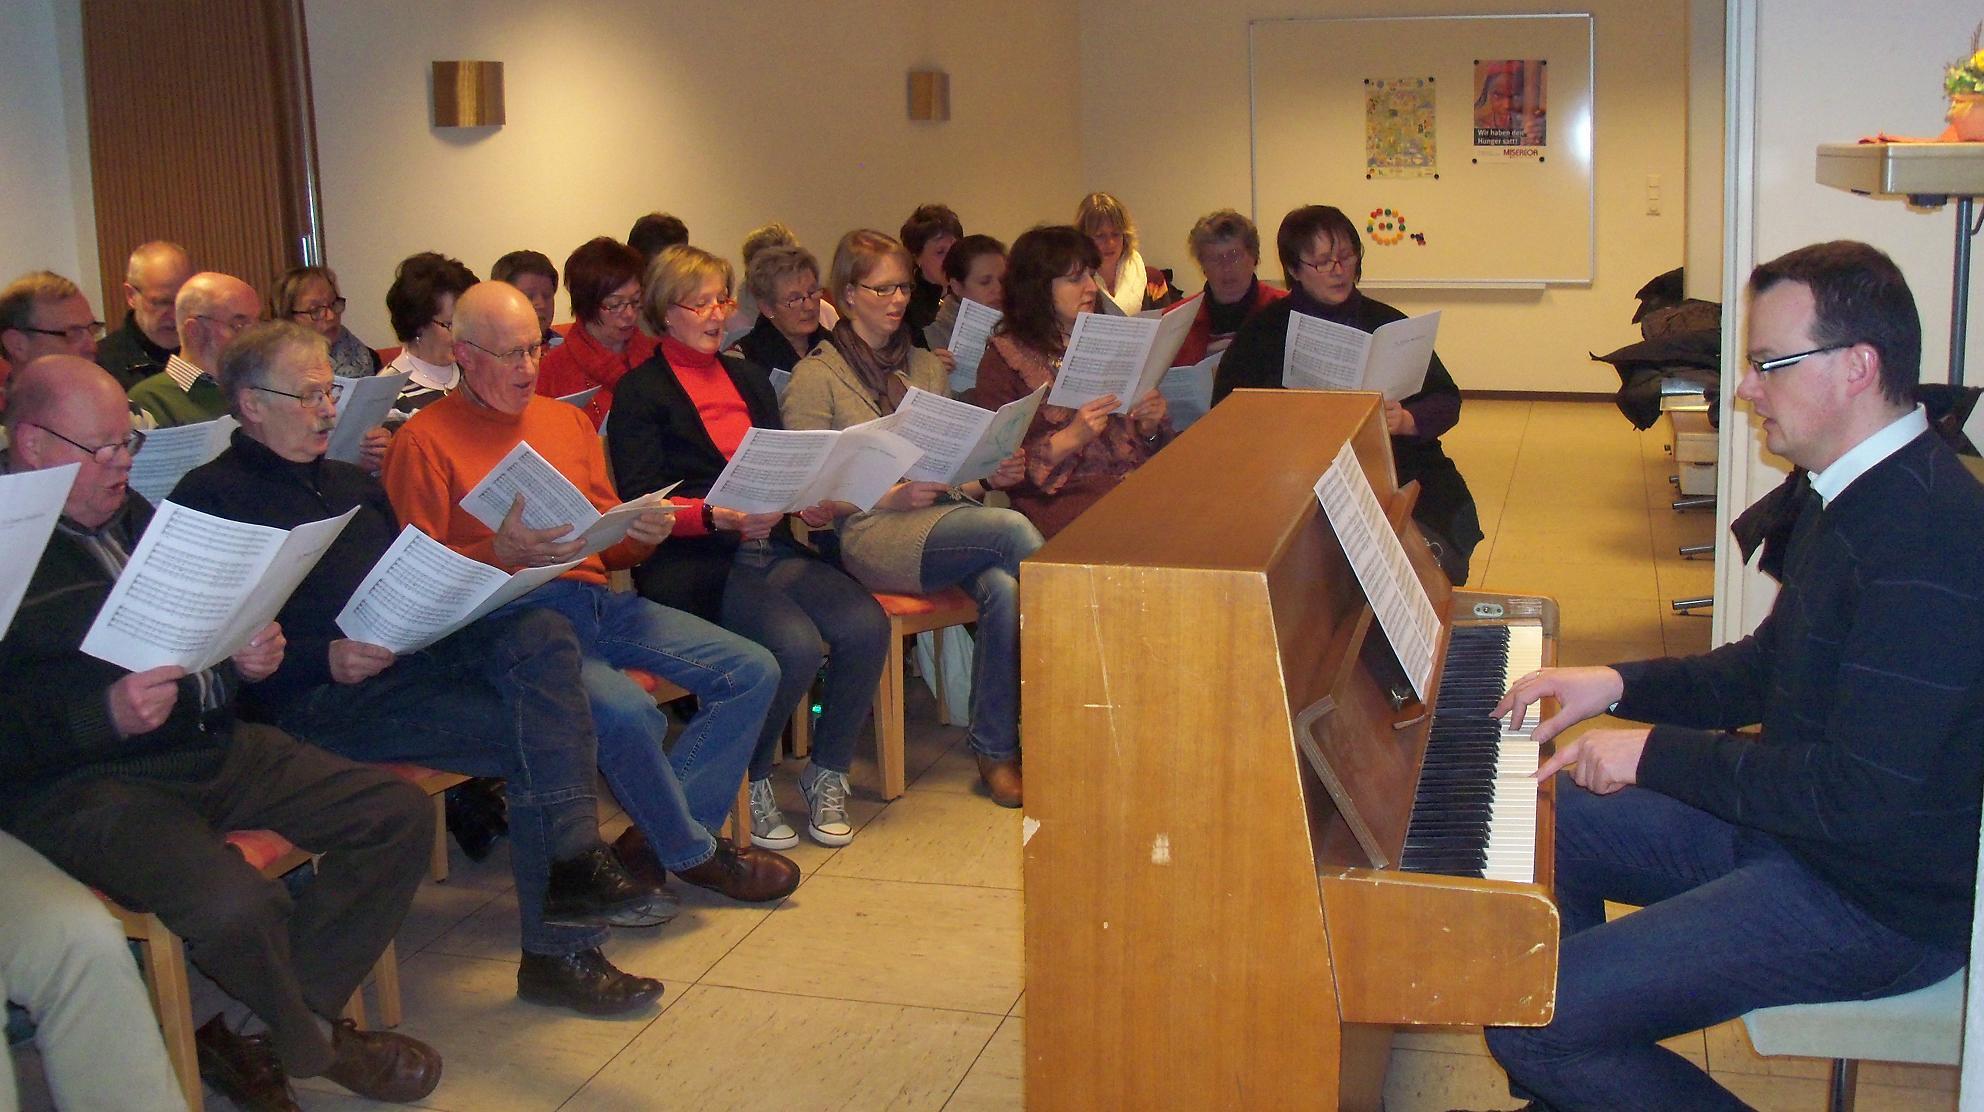 2010 - Umzug der Proben in den Pfarrsaal St. Maria Frieden